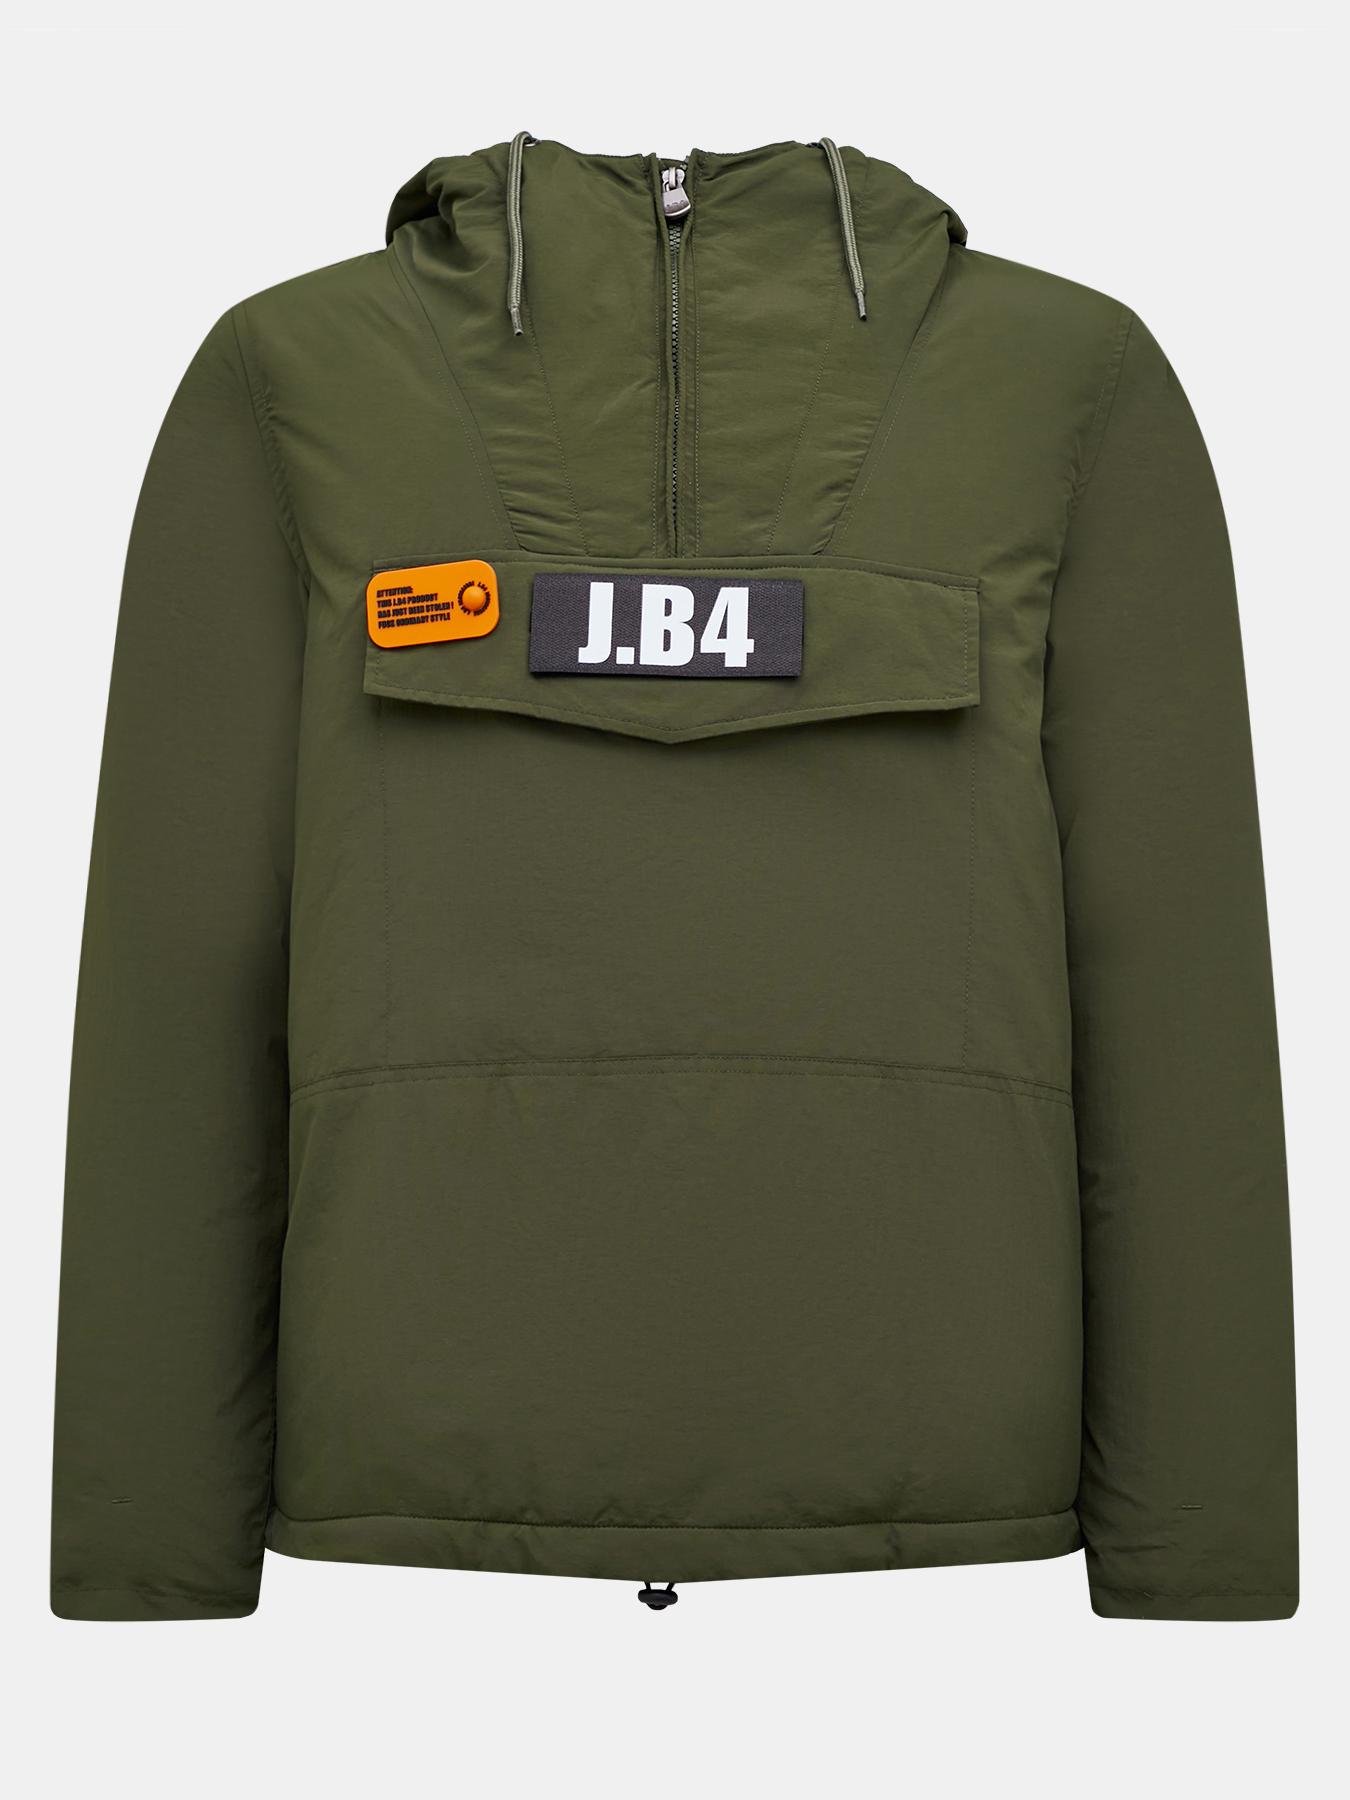 Куртки J.B4 Анорак